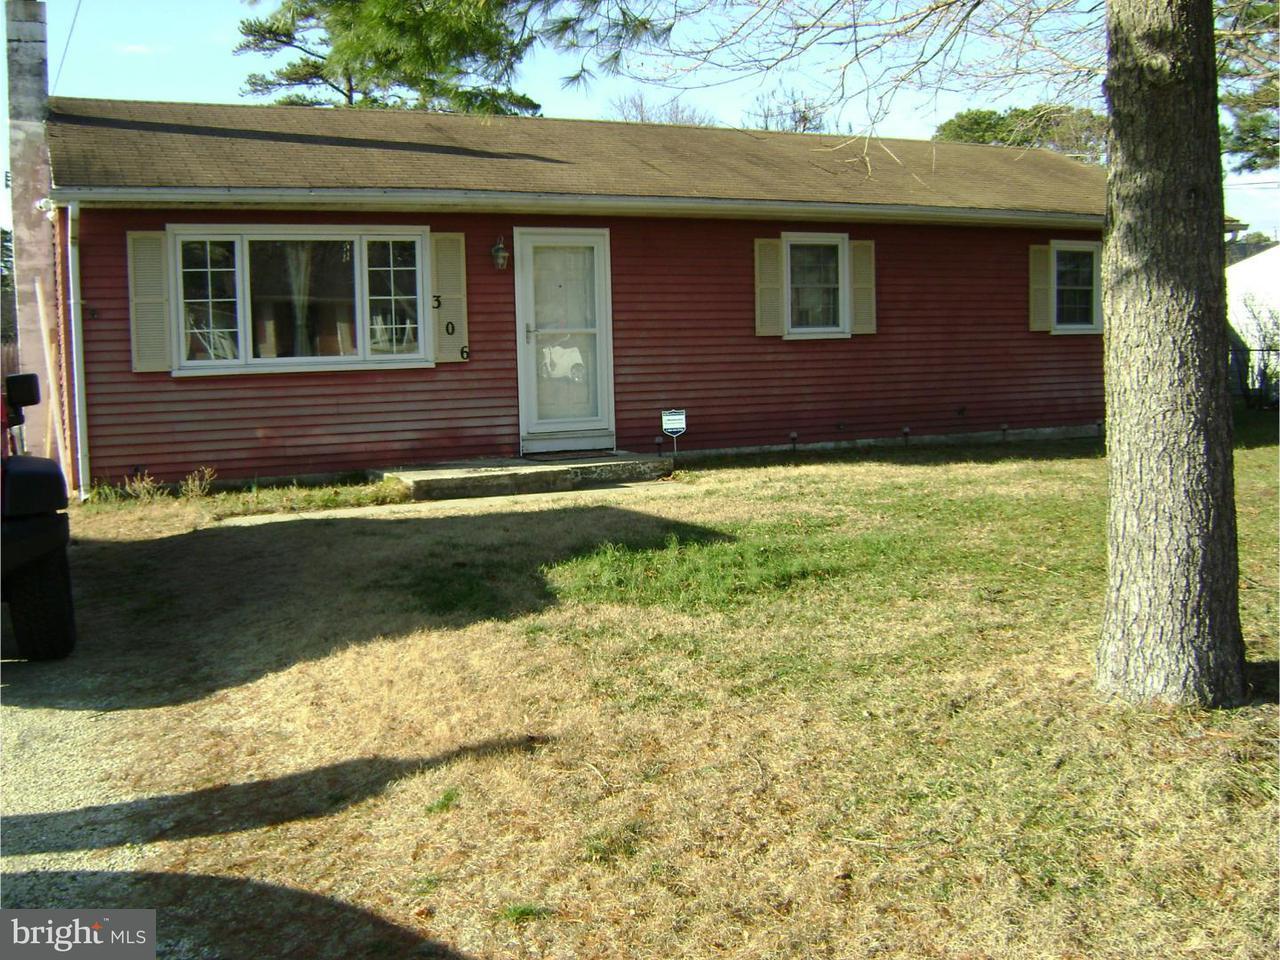 Casa Unifamiliar por un Venta en 306 PIUTE Trail Pemberton Township, Nueva Jersey 08015 Estados Unidos